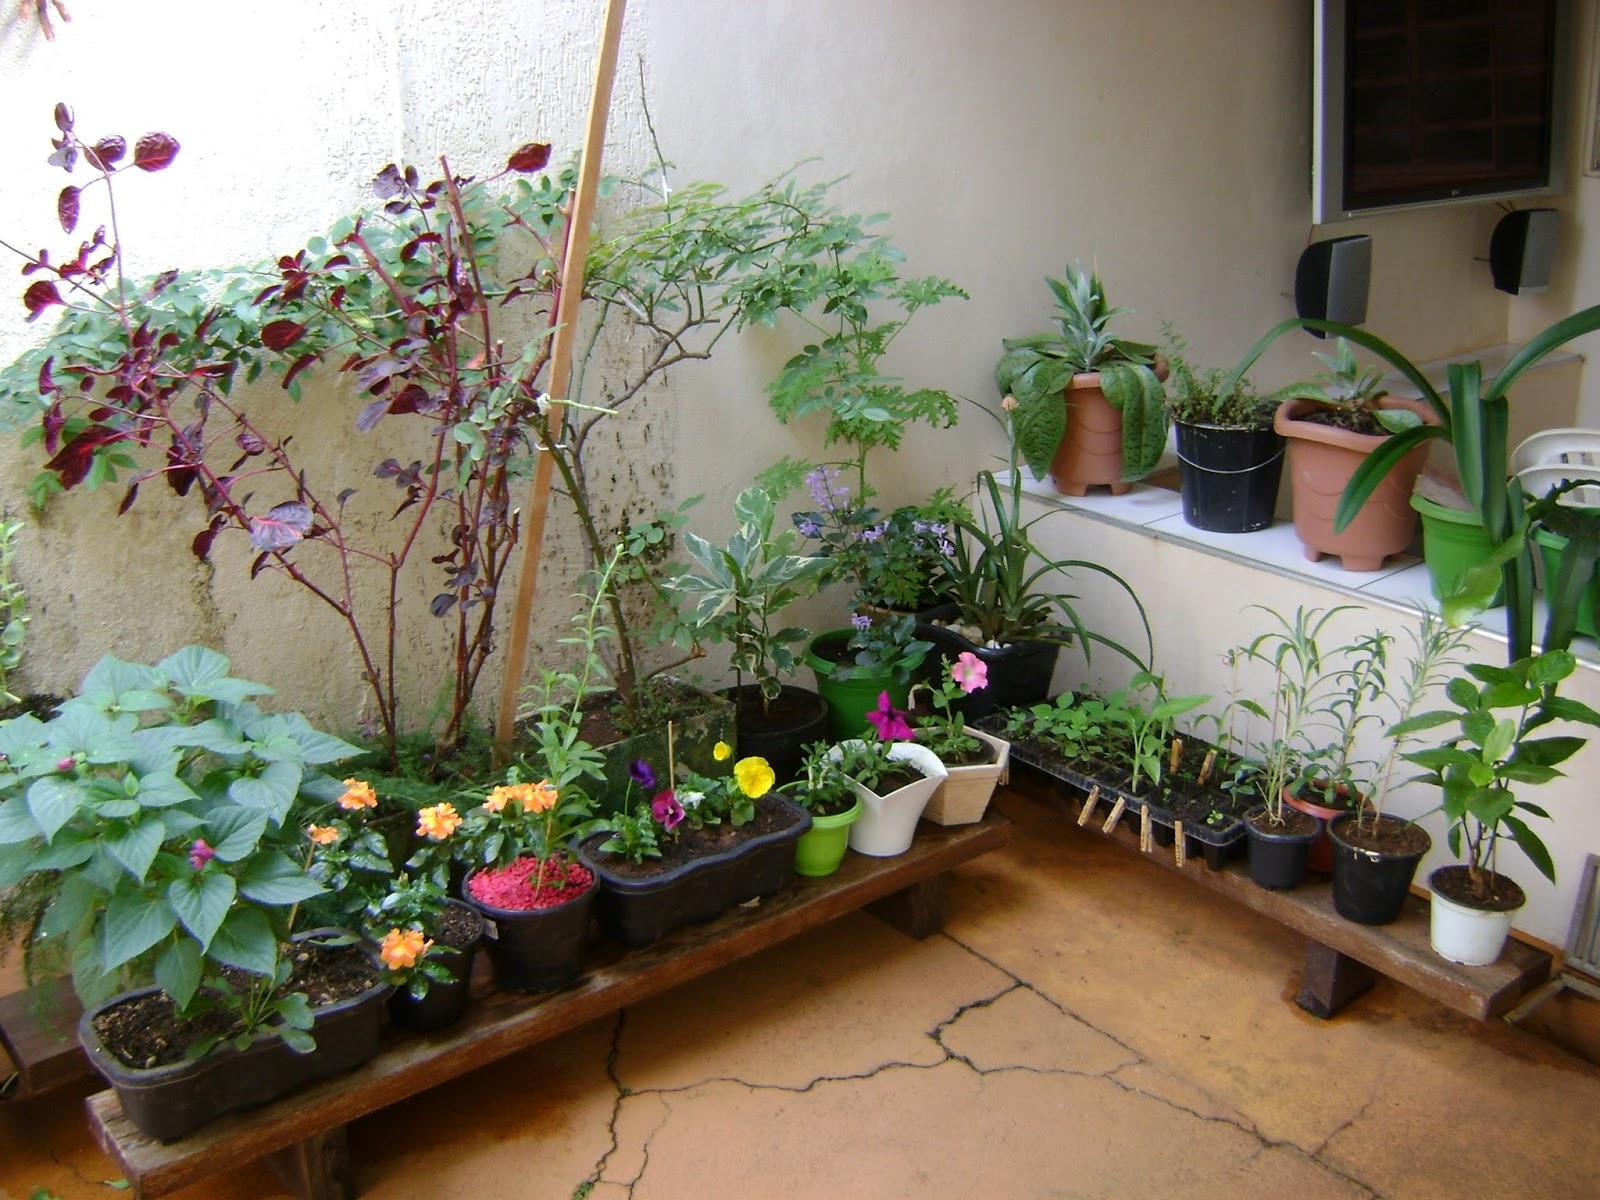 fotos de um jardim floridoDiário de uma Sementeira Um pouco do meu